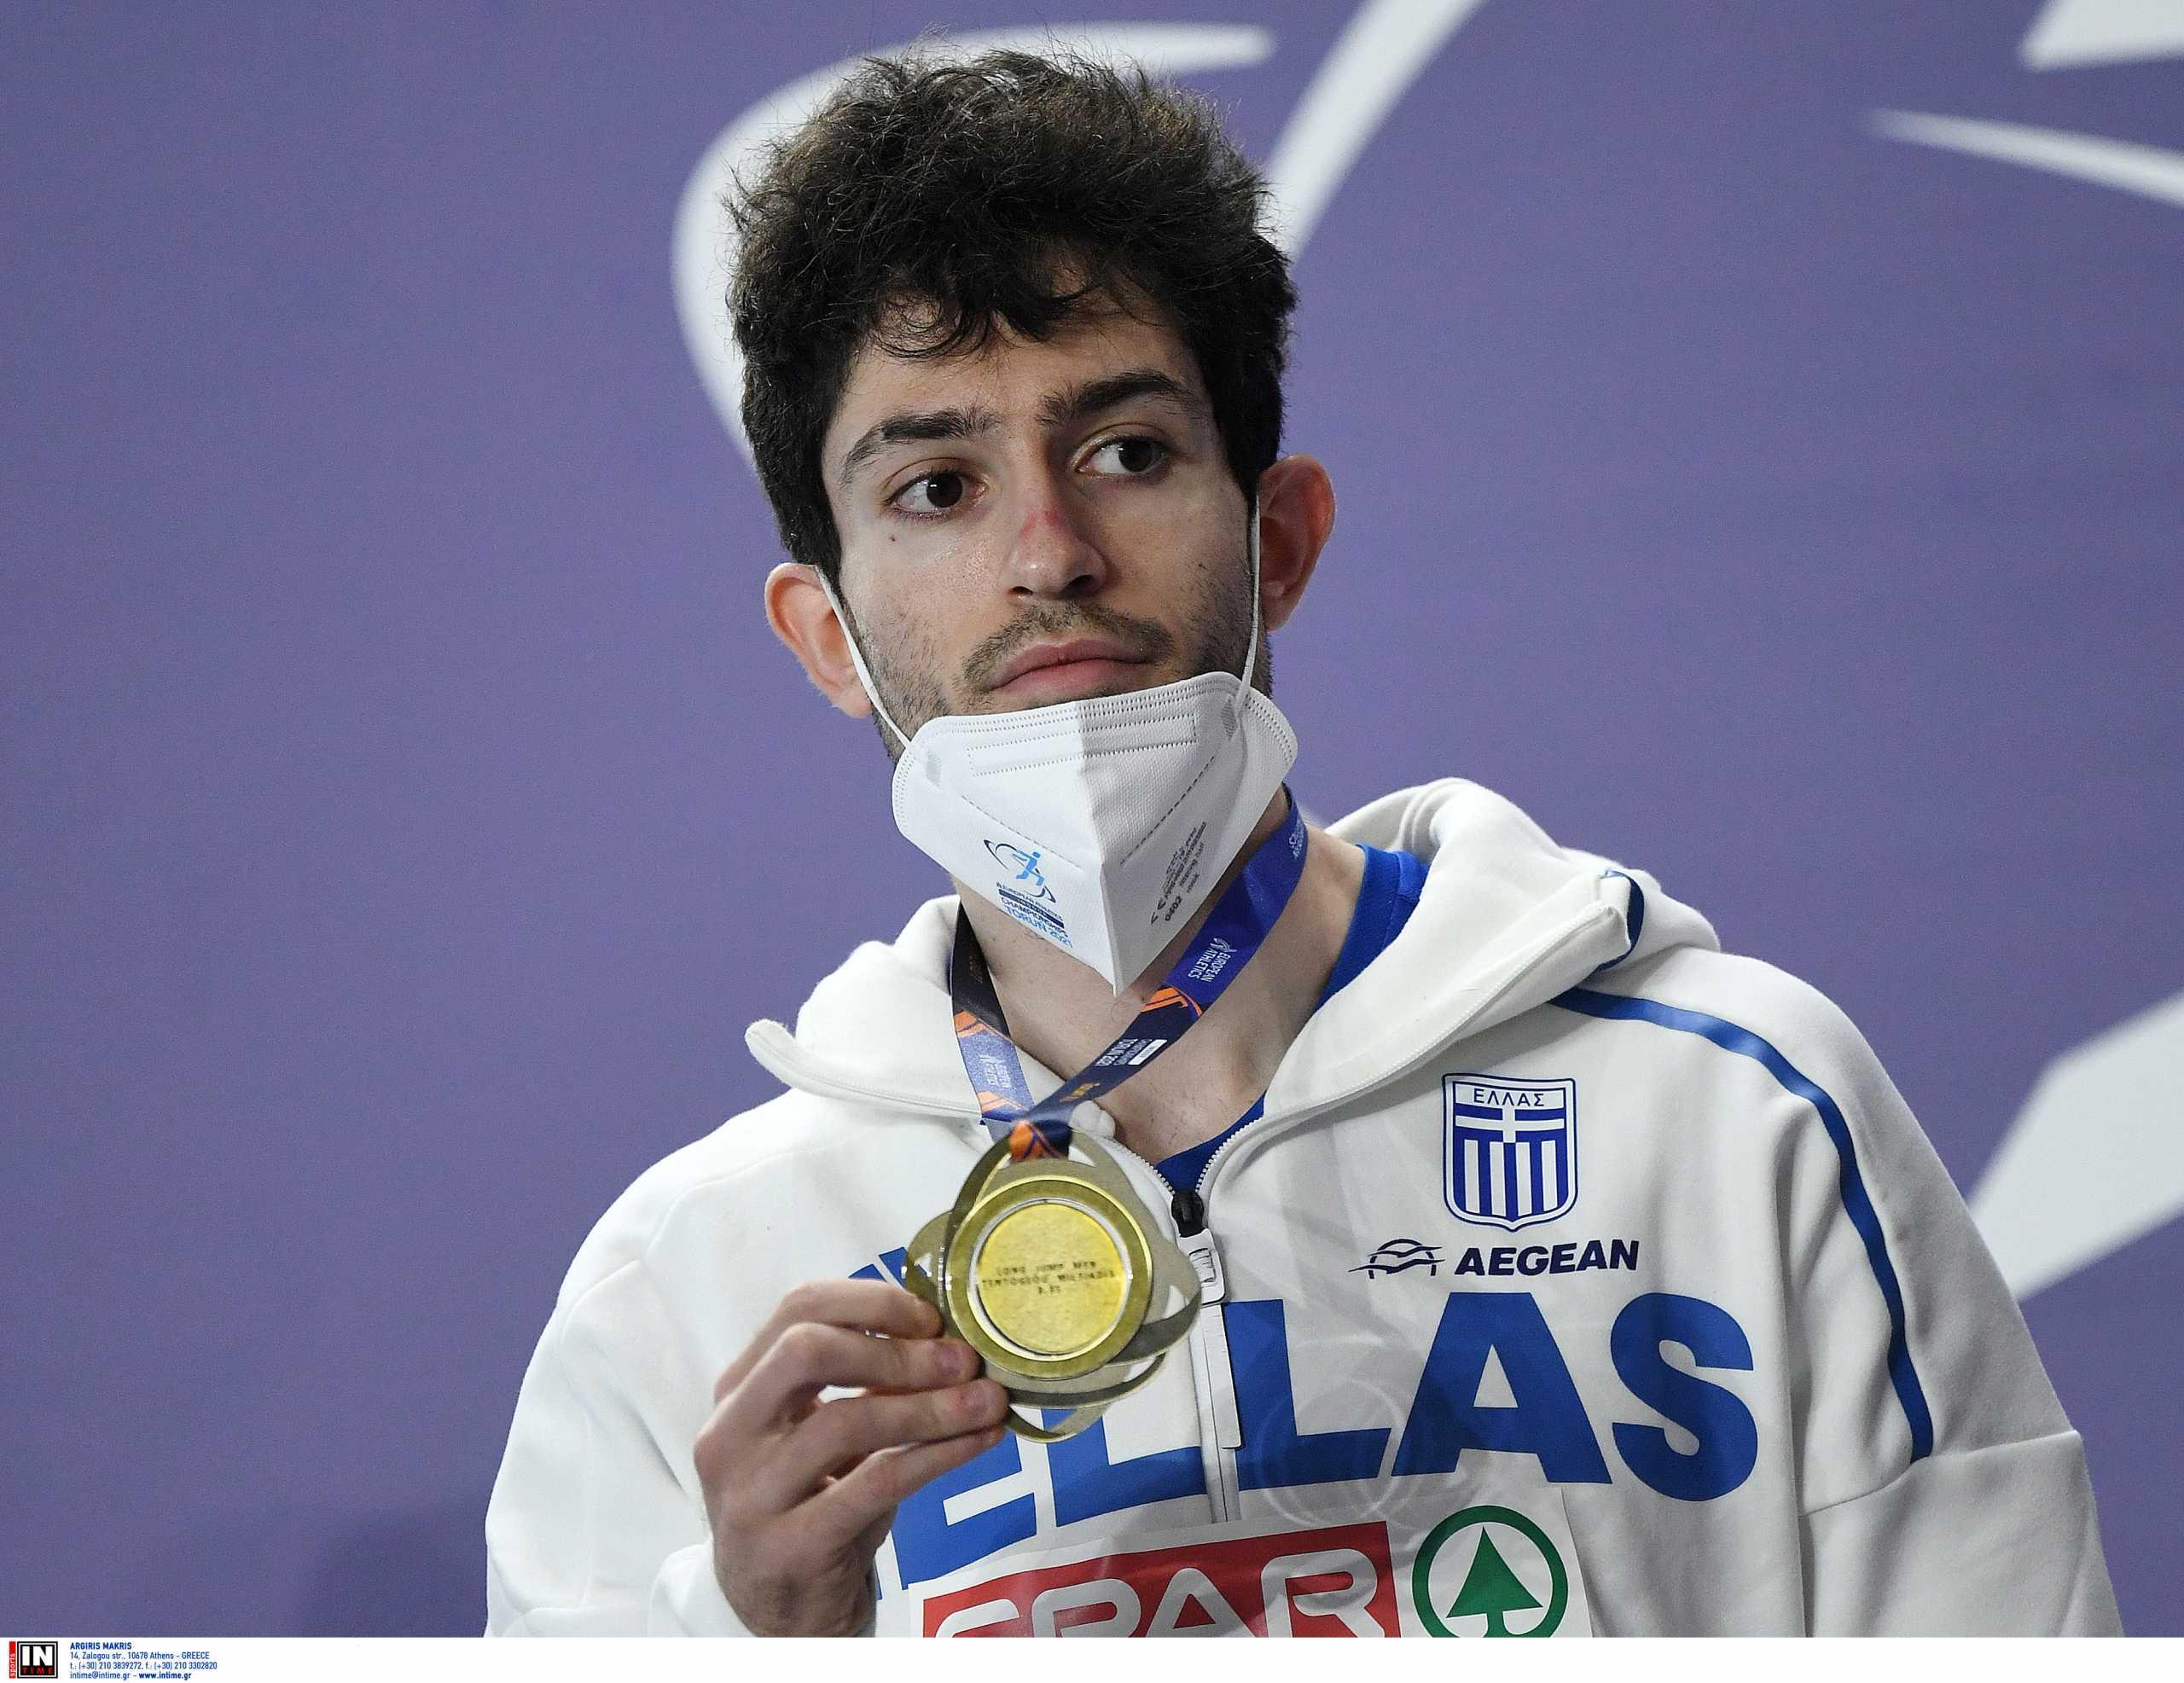 Μίλτος Τεντόγλου: Τα Γρεβενά «γκρέμισαν τα τείχη» για τον «χρυσό» Ολυμπιονίκη